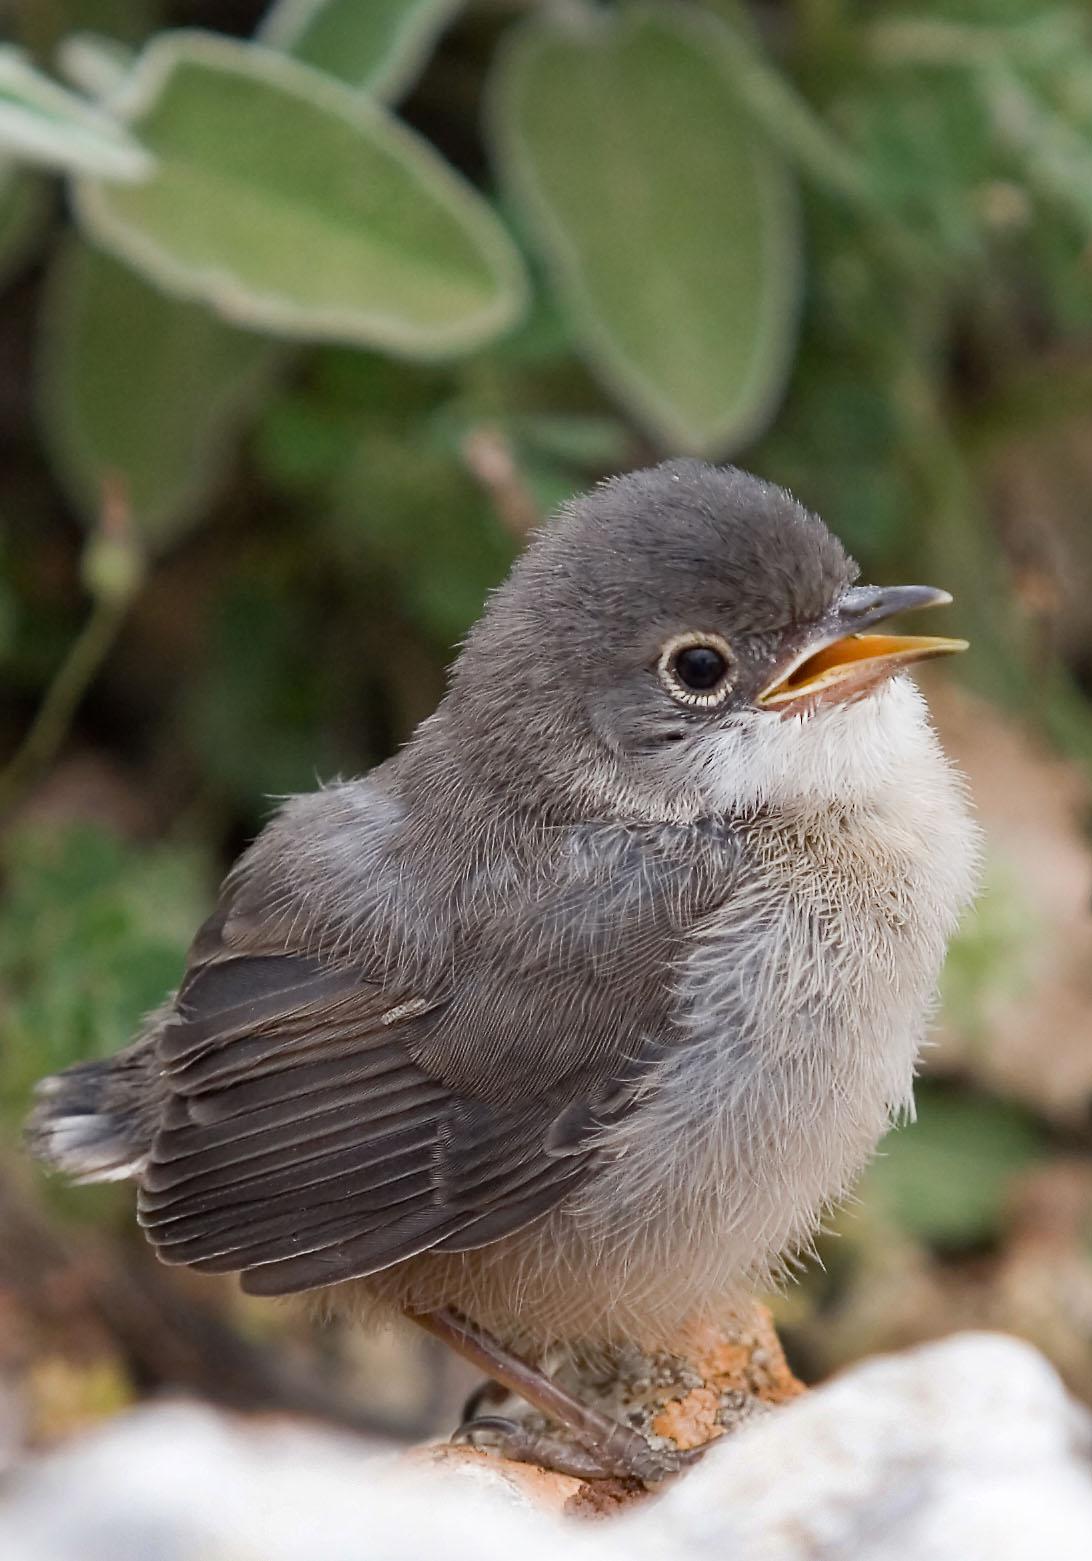 Sylvia melanocephala juv. -Samtkopf-Grasmücke - Tilos - Aves - Vögel - birds